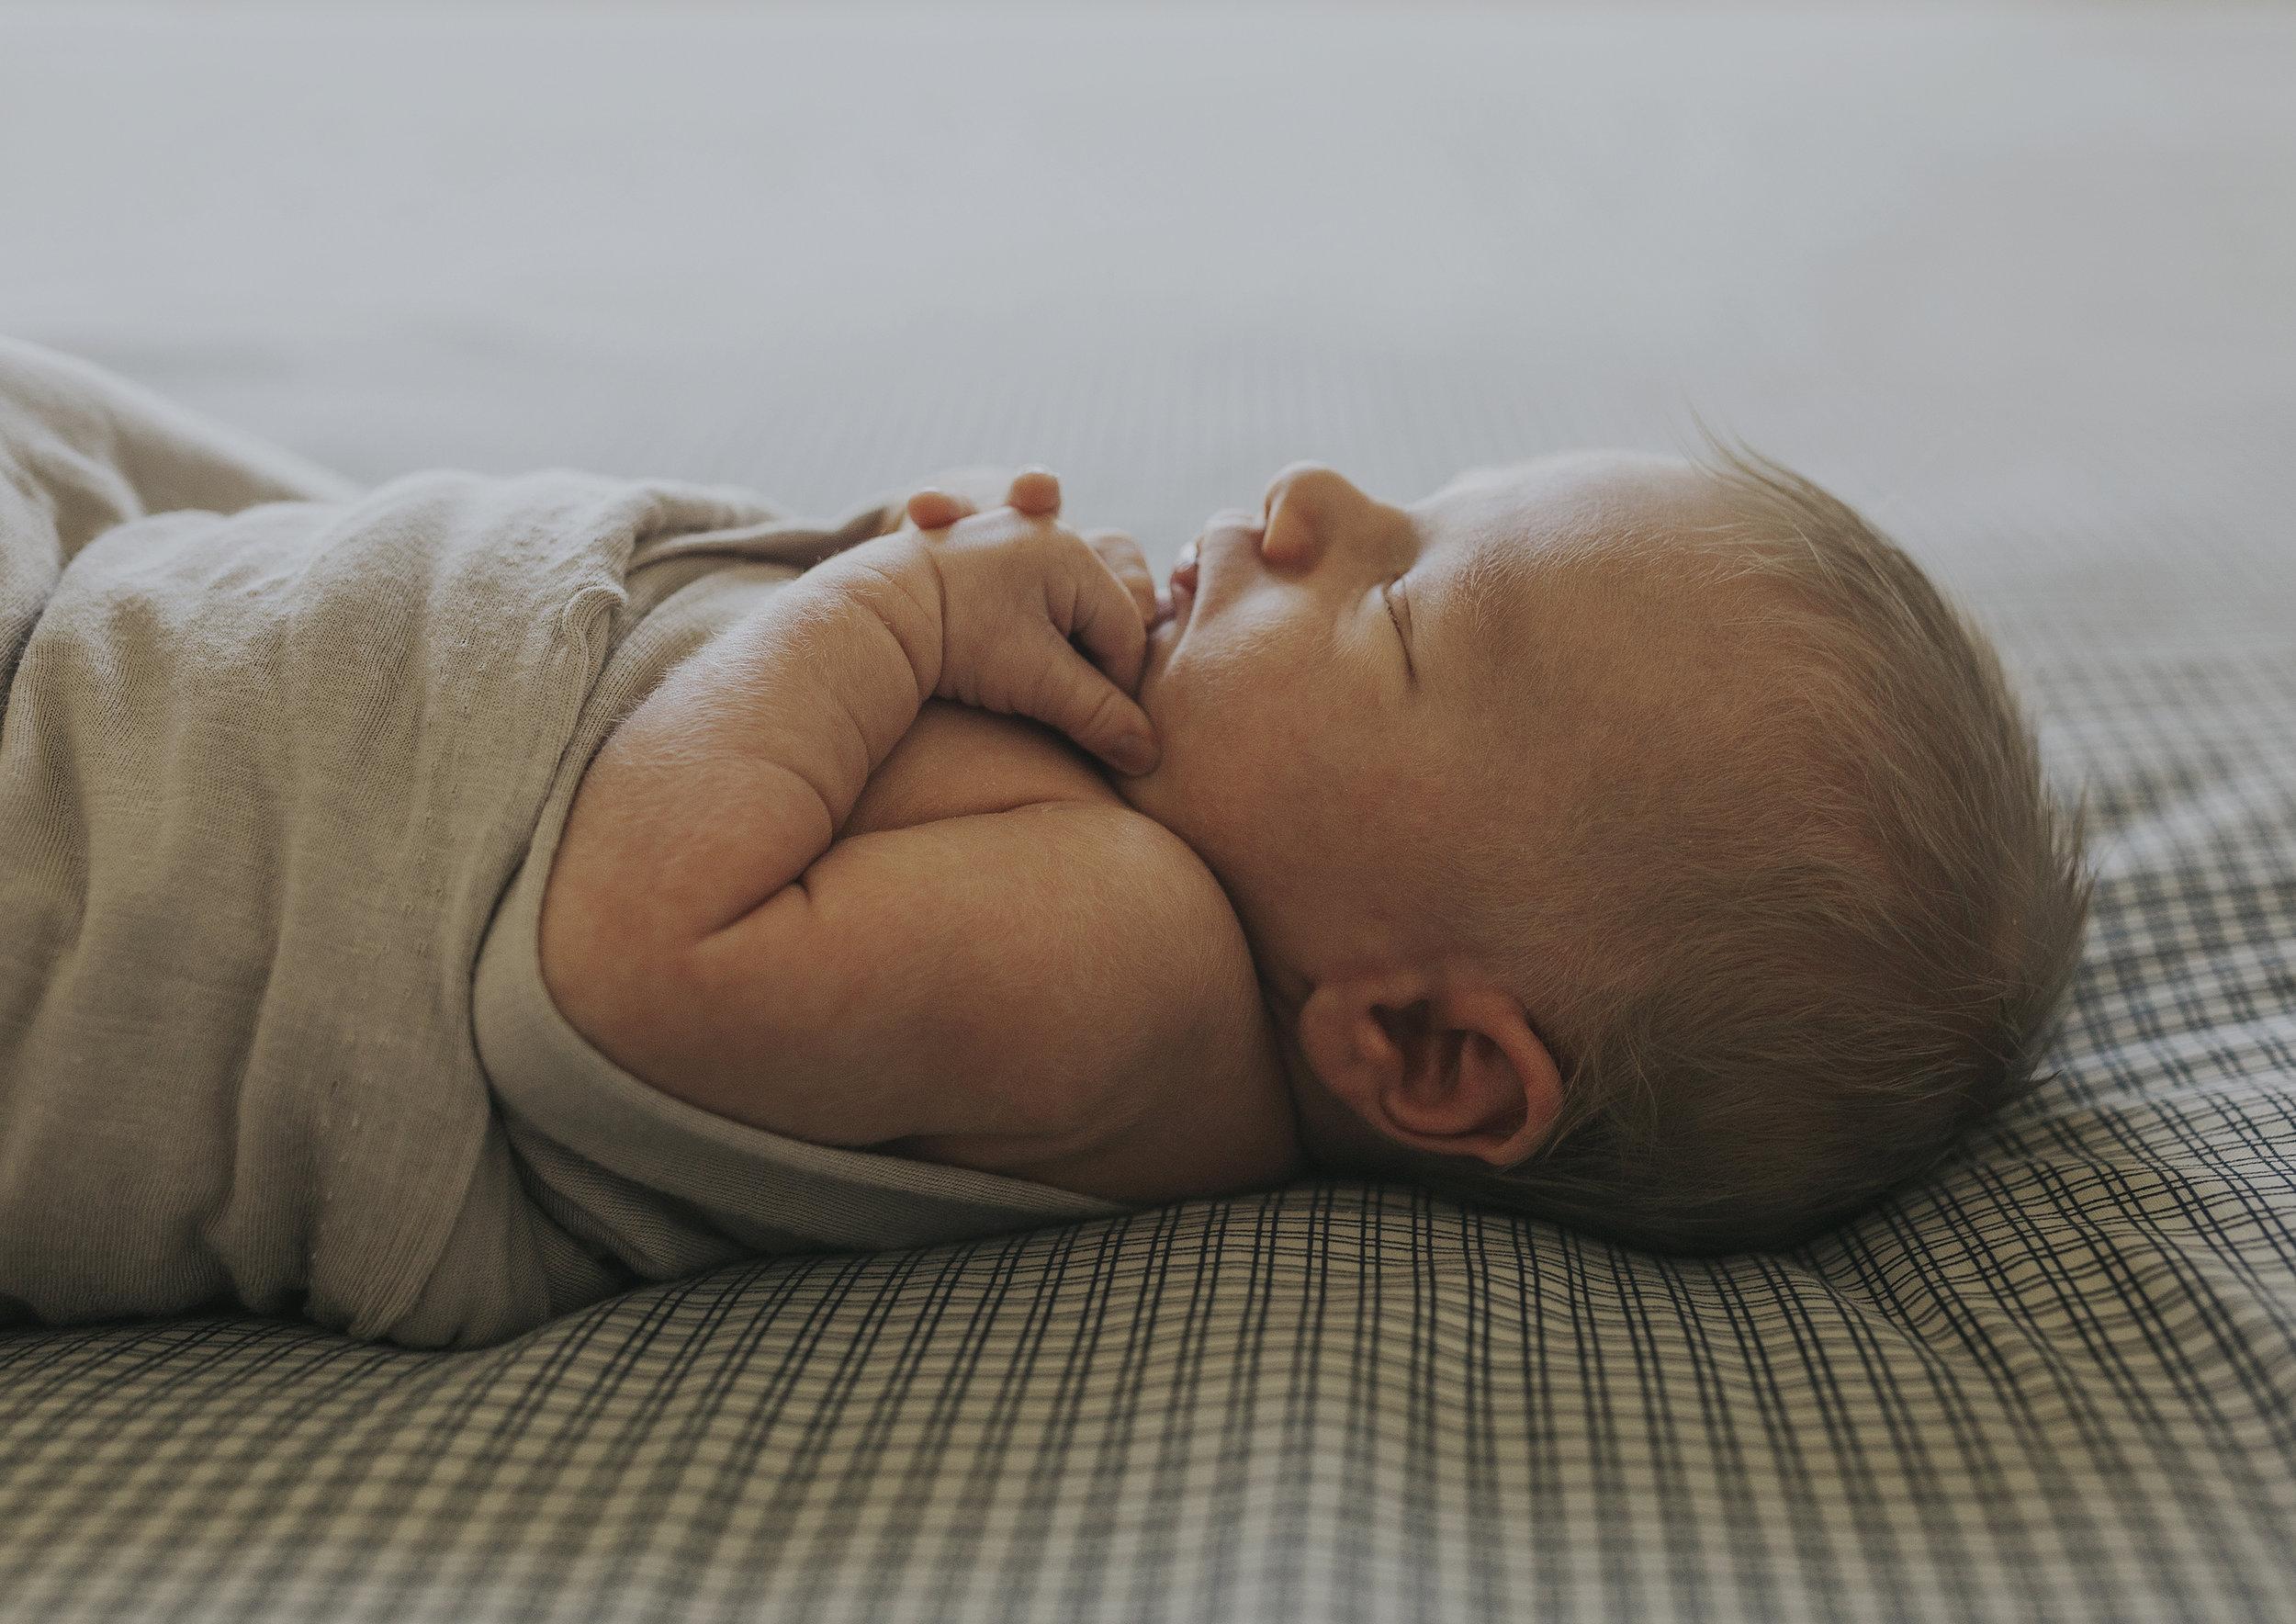 Side profile of a newborn baby boy